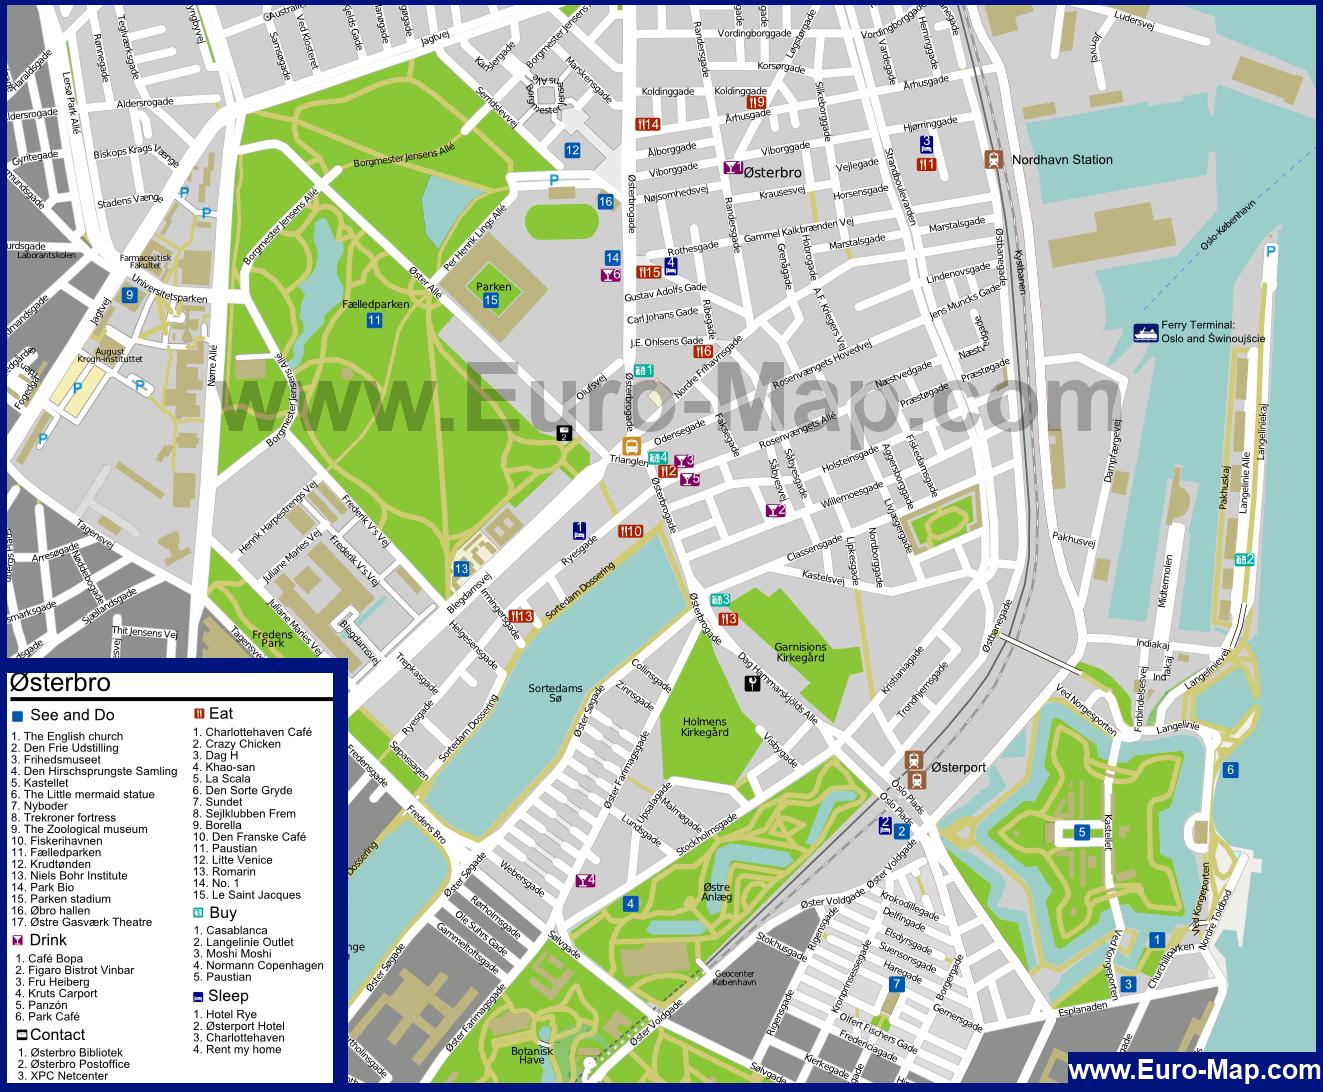 Карта Копенгагена Достопримечательностями